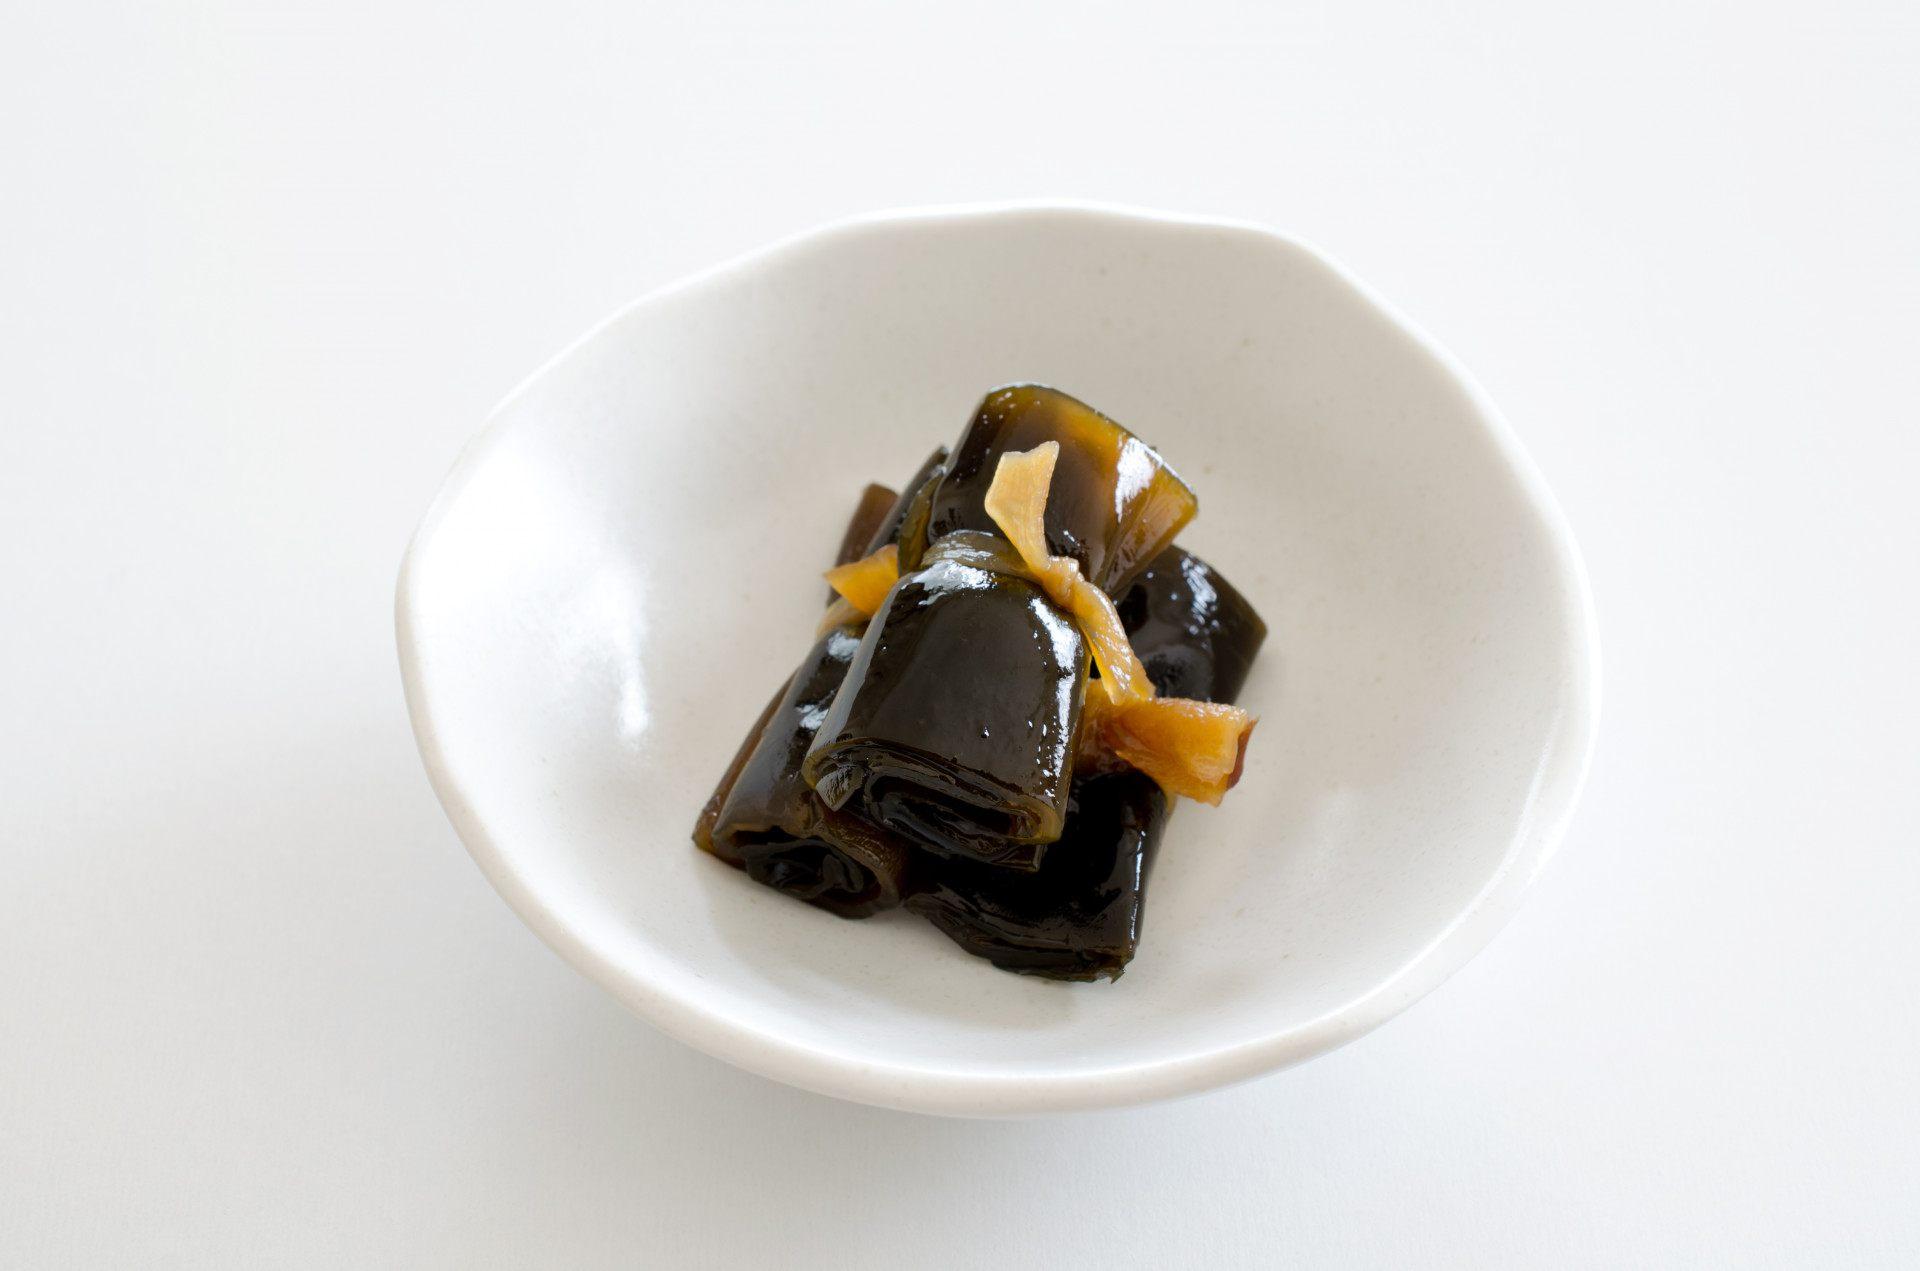 御節料理的代表食材:昆布卷(海帶卷)